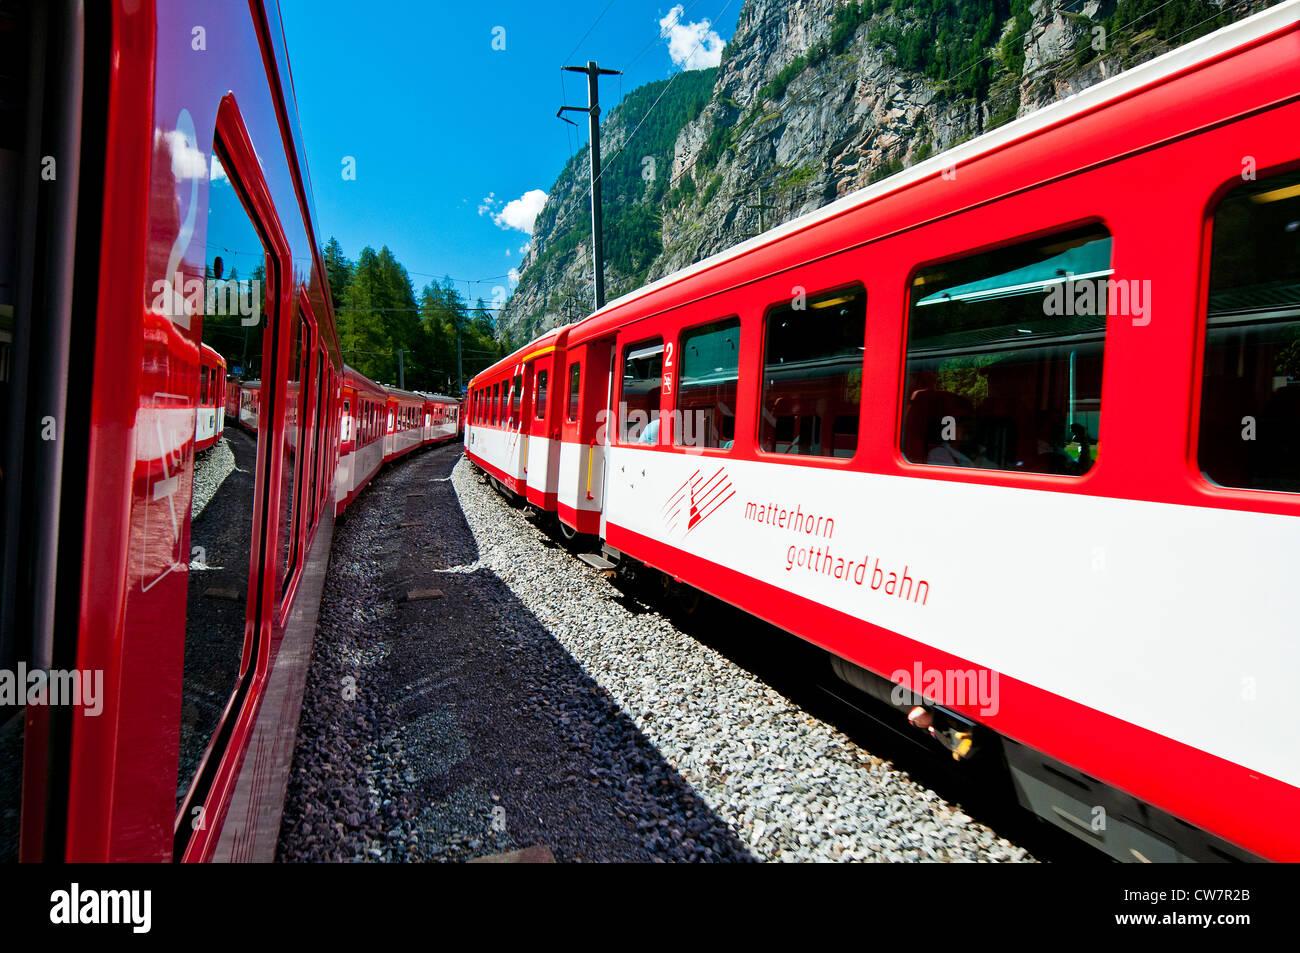 Matterhorn Gotthard Bahn Zug nach Zermatt, Wallis, Wallis, Schweiz Stockbild